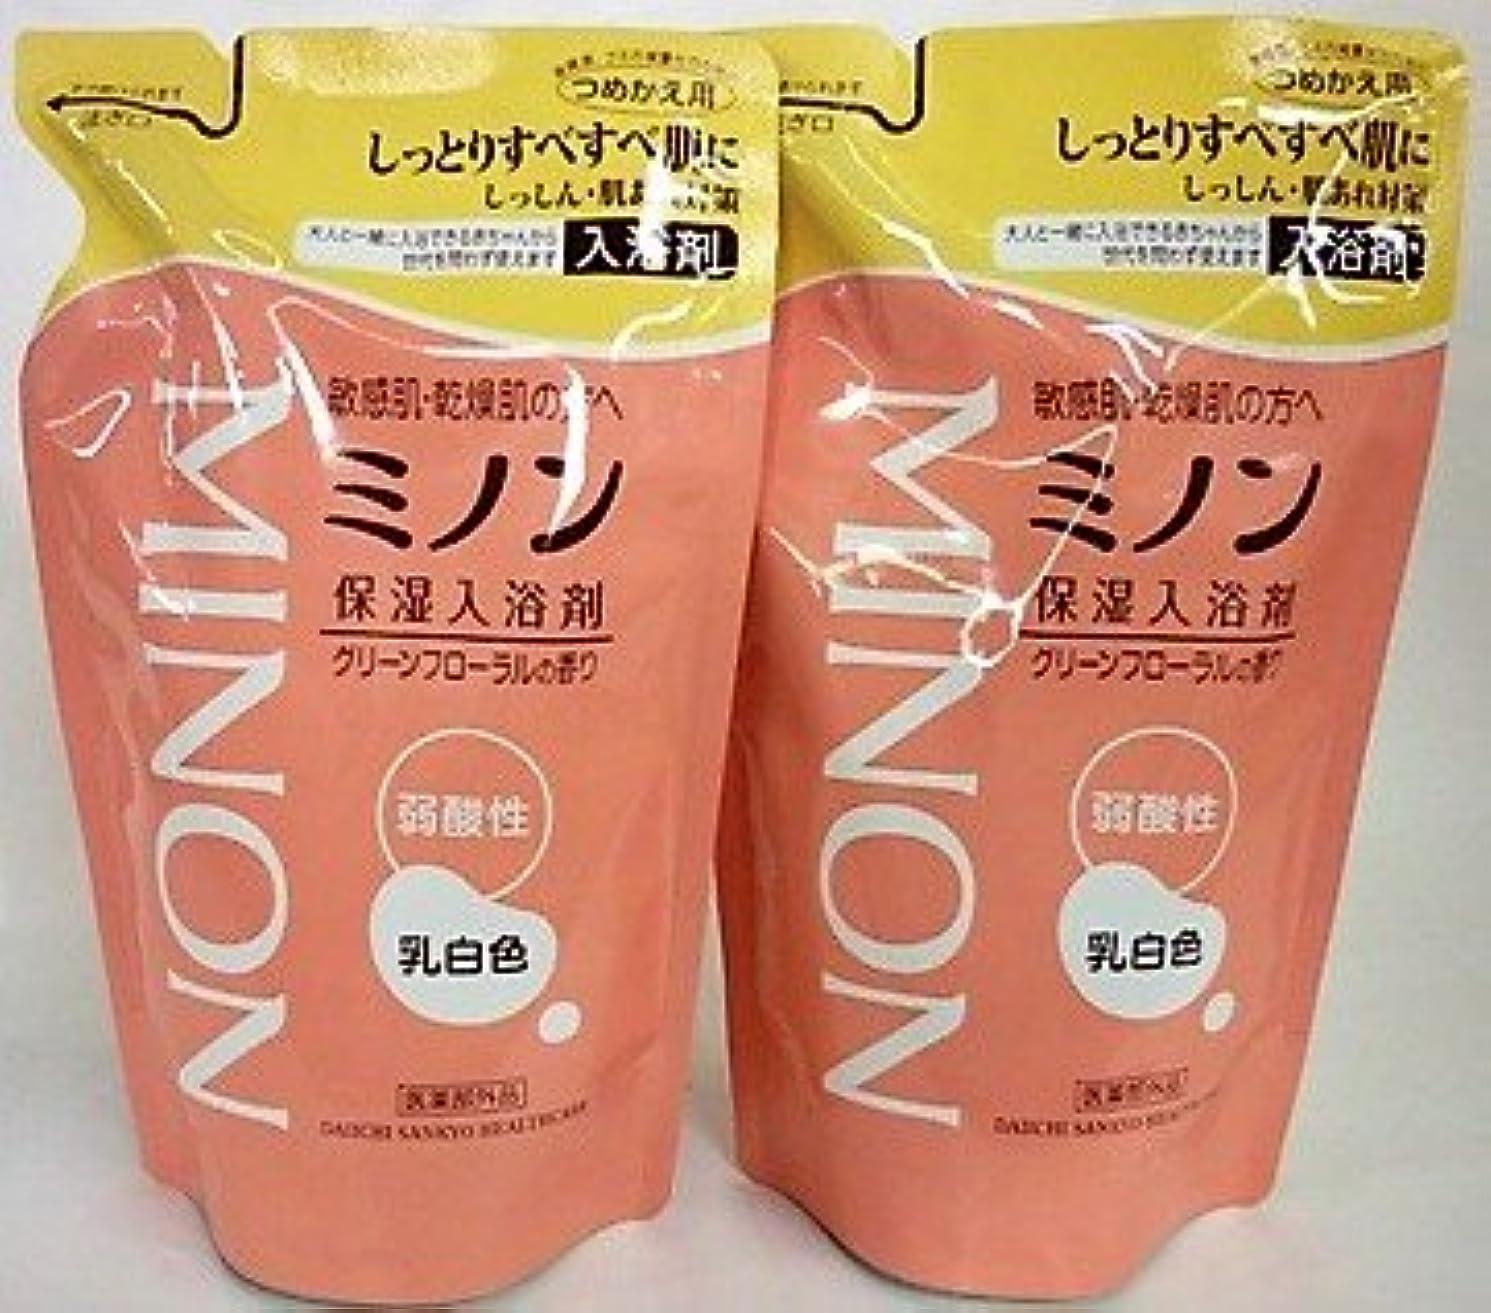 薬局ブラシ血まみれの[2個セット]ミノン 薬用保湿入浴剤 詰替 400mL入り×2個